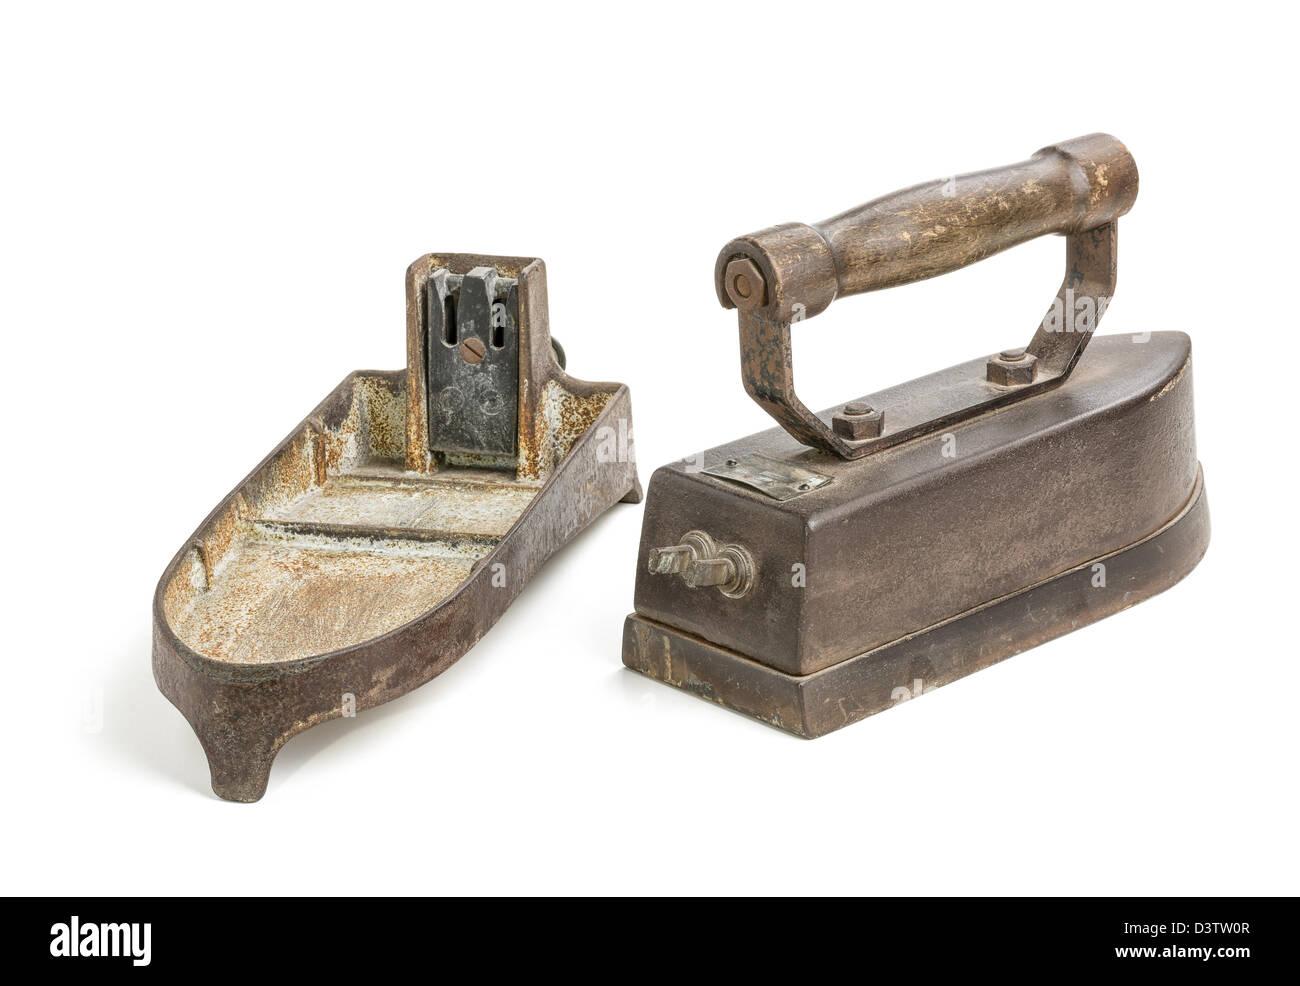 Antique Electric Irons ~ Antique electric iron stock photo royalty free image